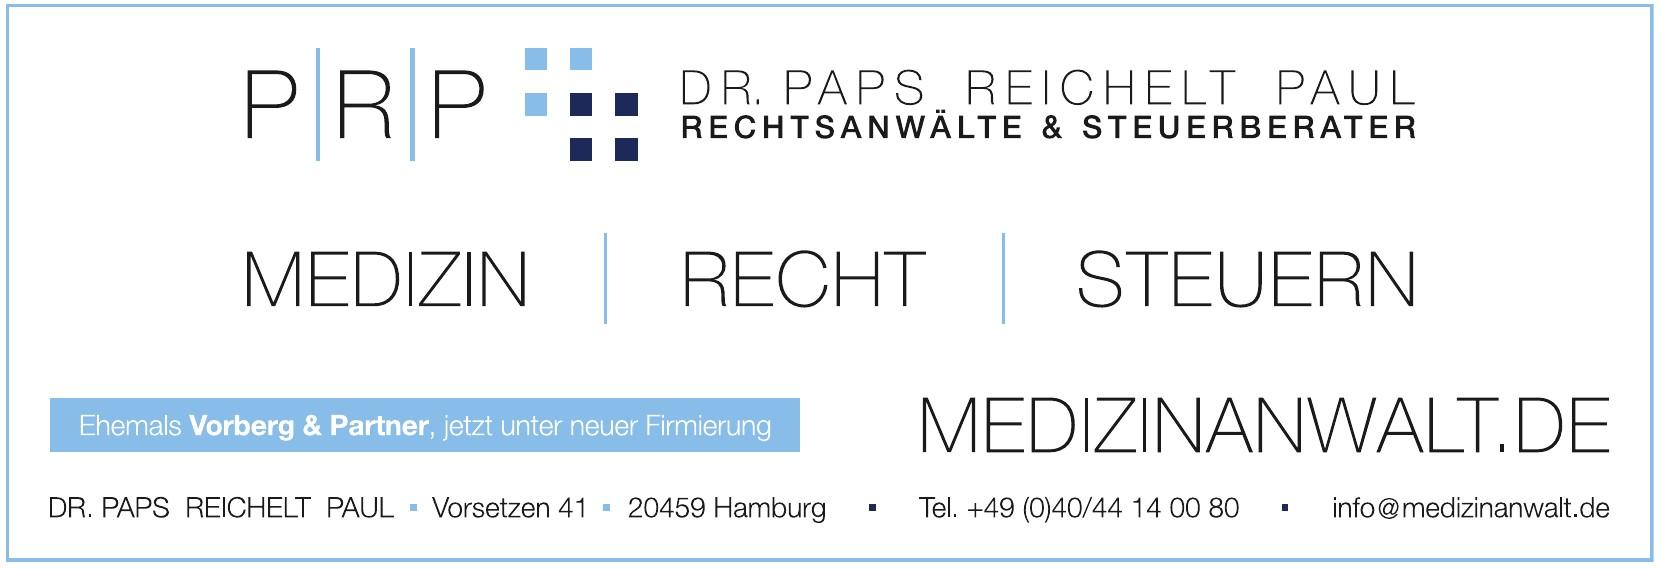 Dr. Paps Reichelt Paul